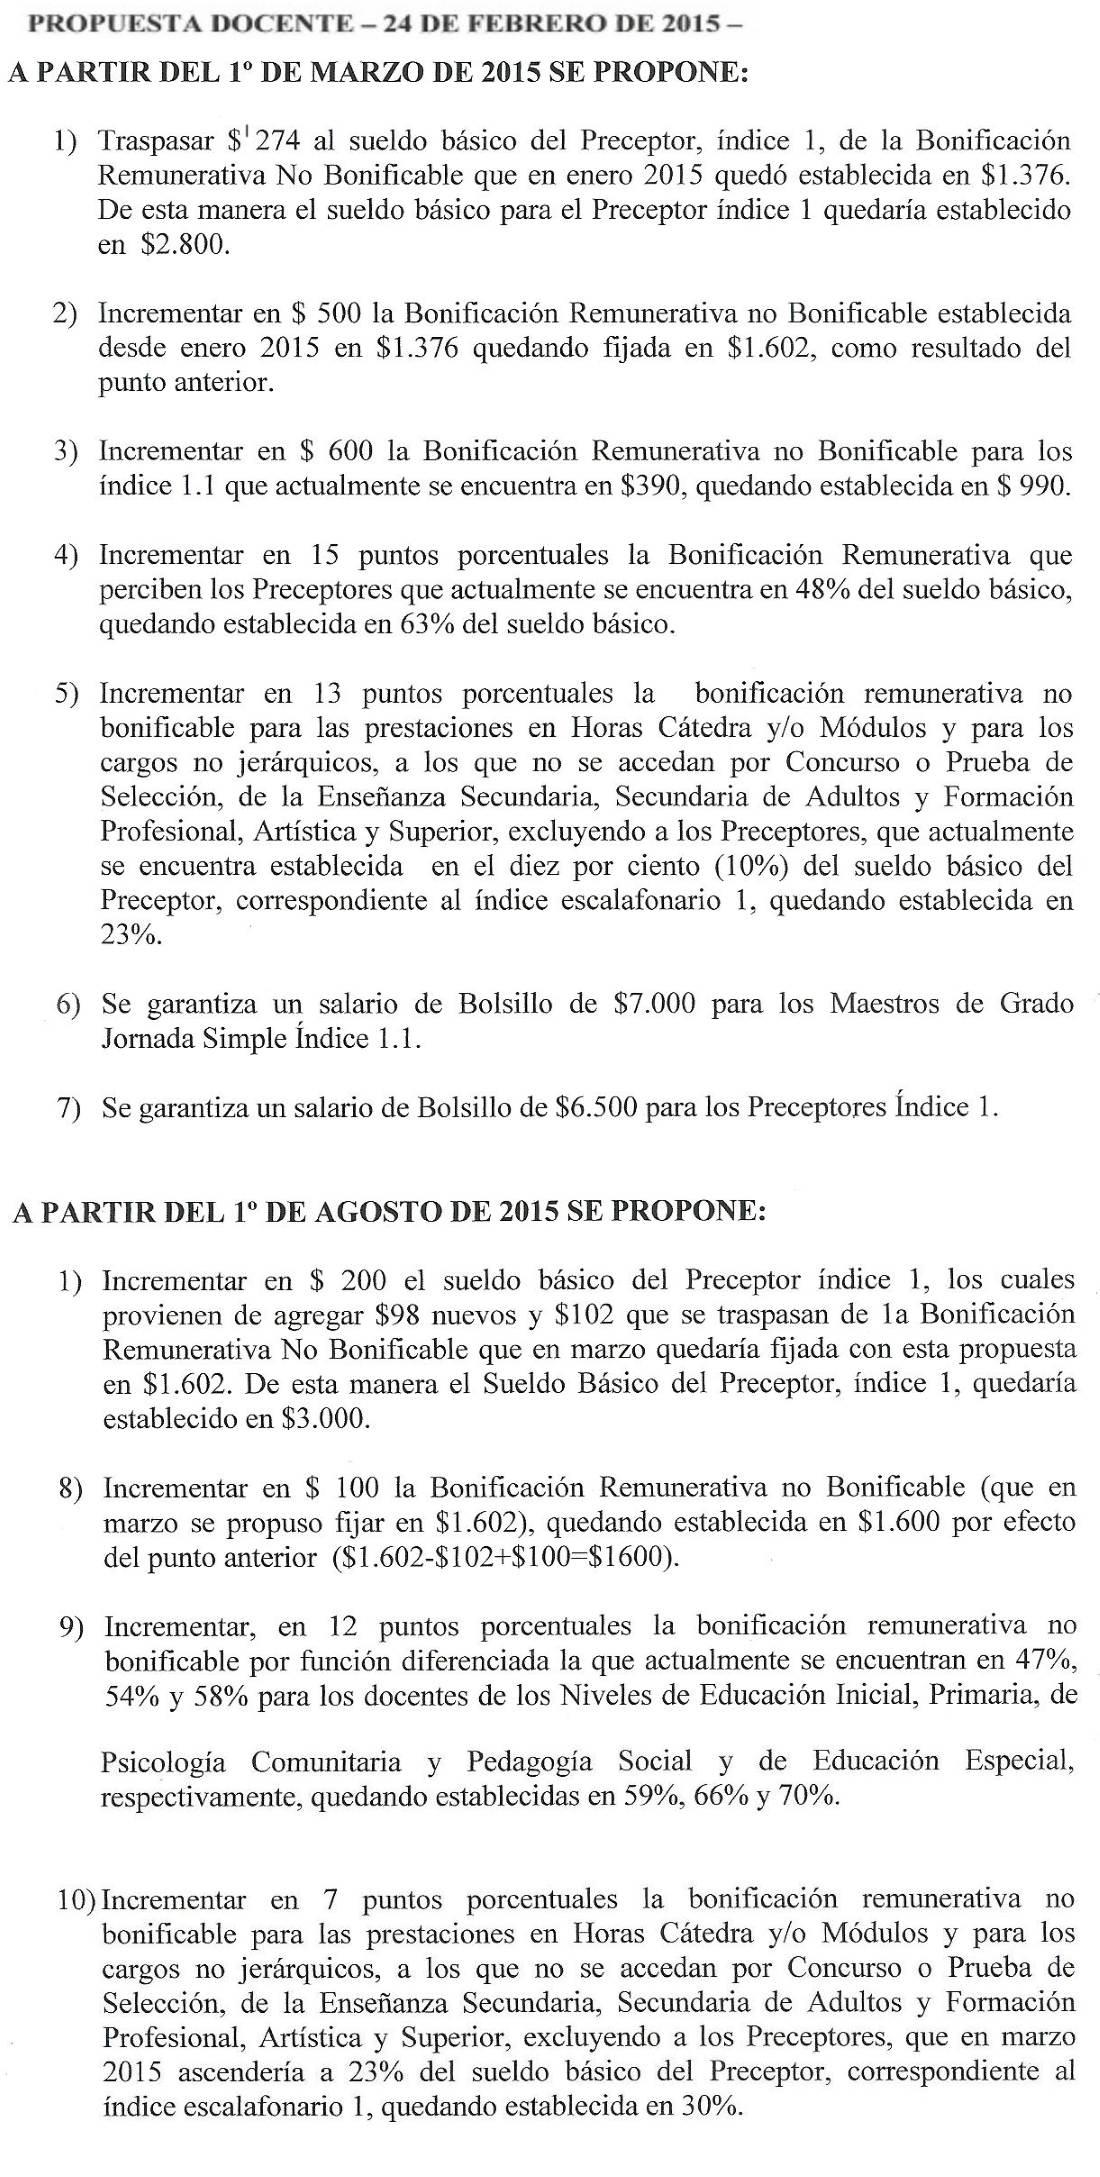 Grilla Salarial Docente Pcia Bs As 2015 | MEJOR CONJUNTO DE FRASES